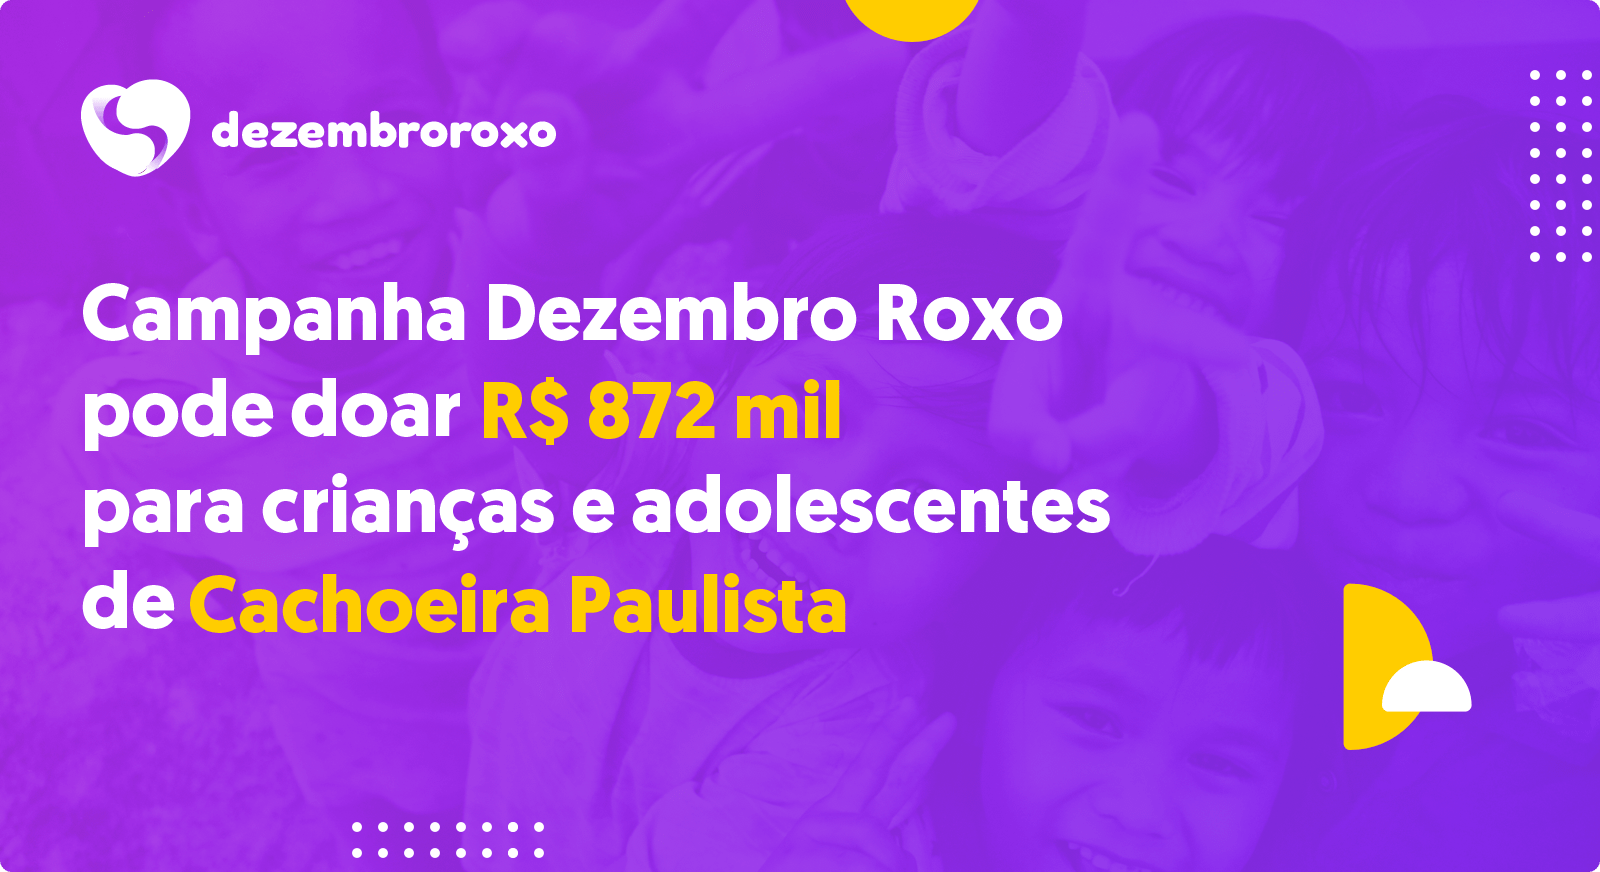 Doações em Cachoeira Paulista - SP